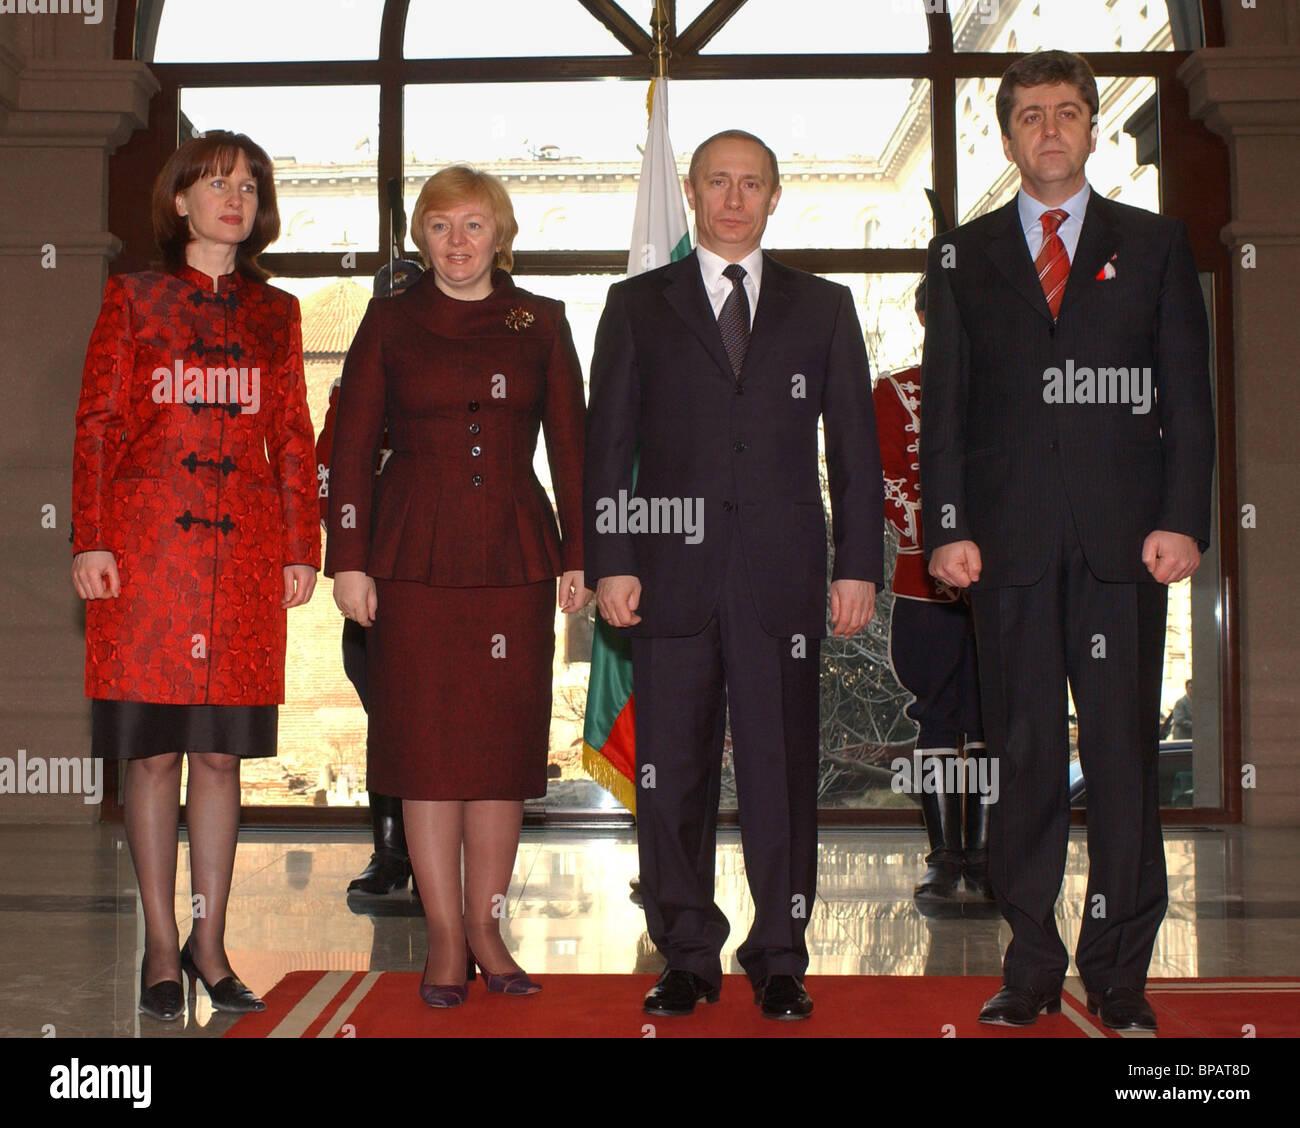 President Putin on a visit to Bulgaria - Stock Image